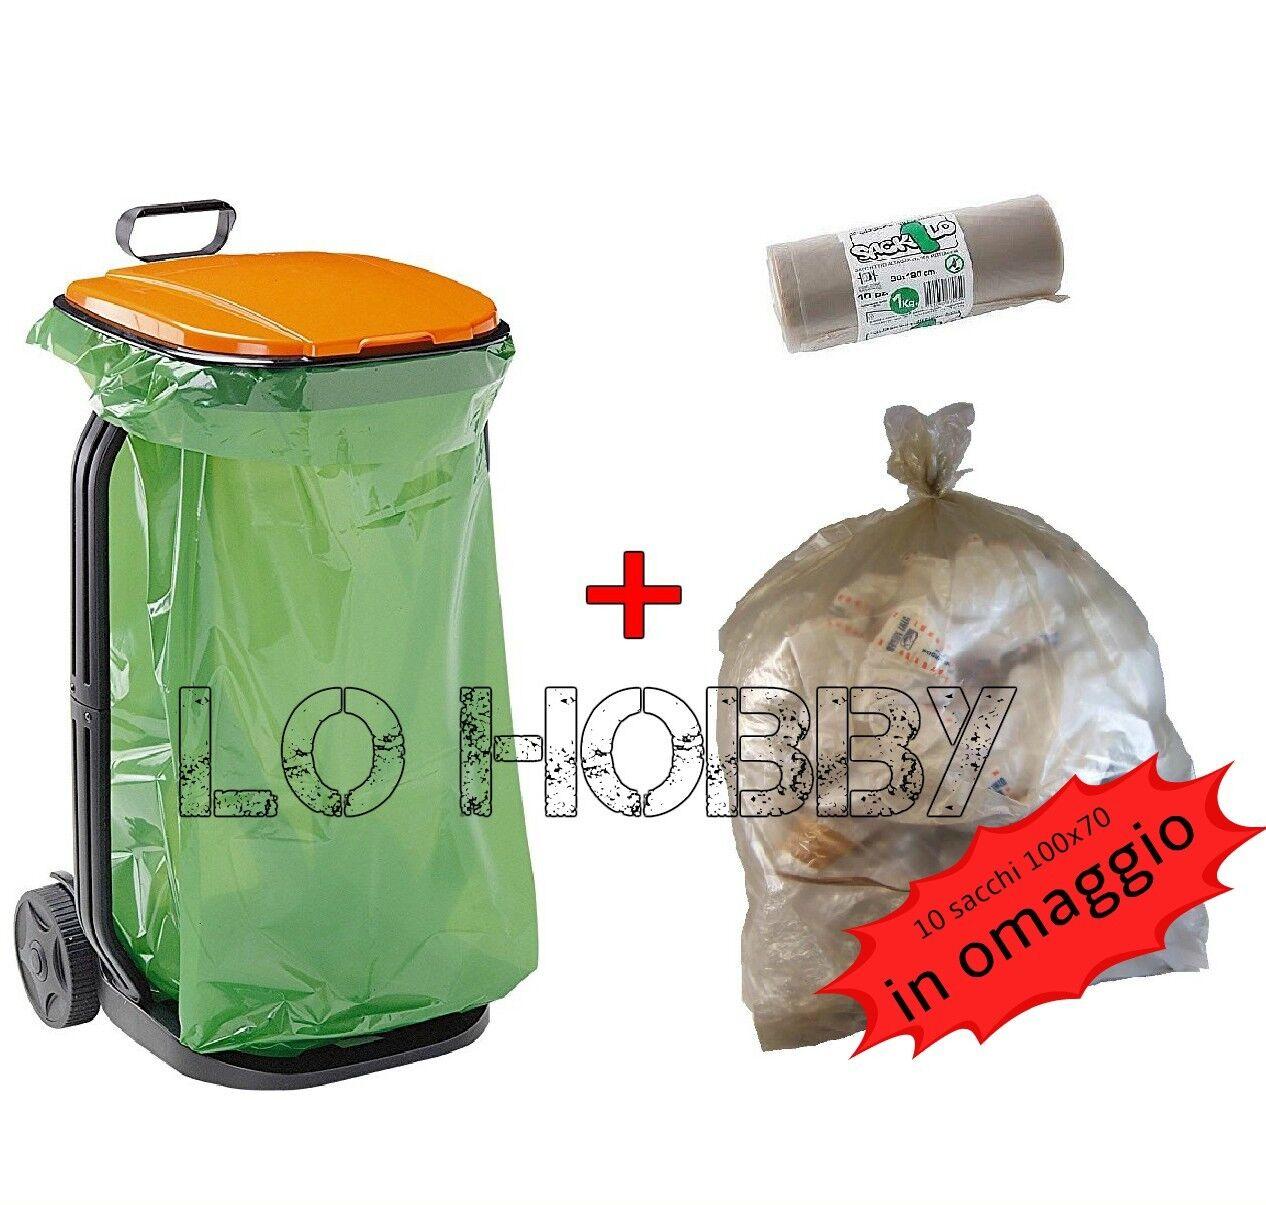 Carrello raccoglitore GF da giardino porta rifiuti per sacco pattumiera trespolo